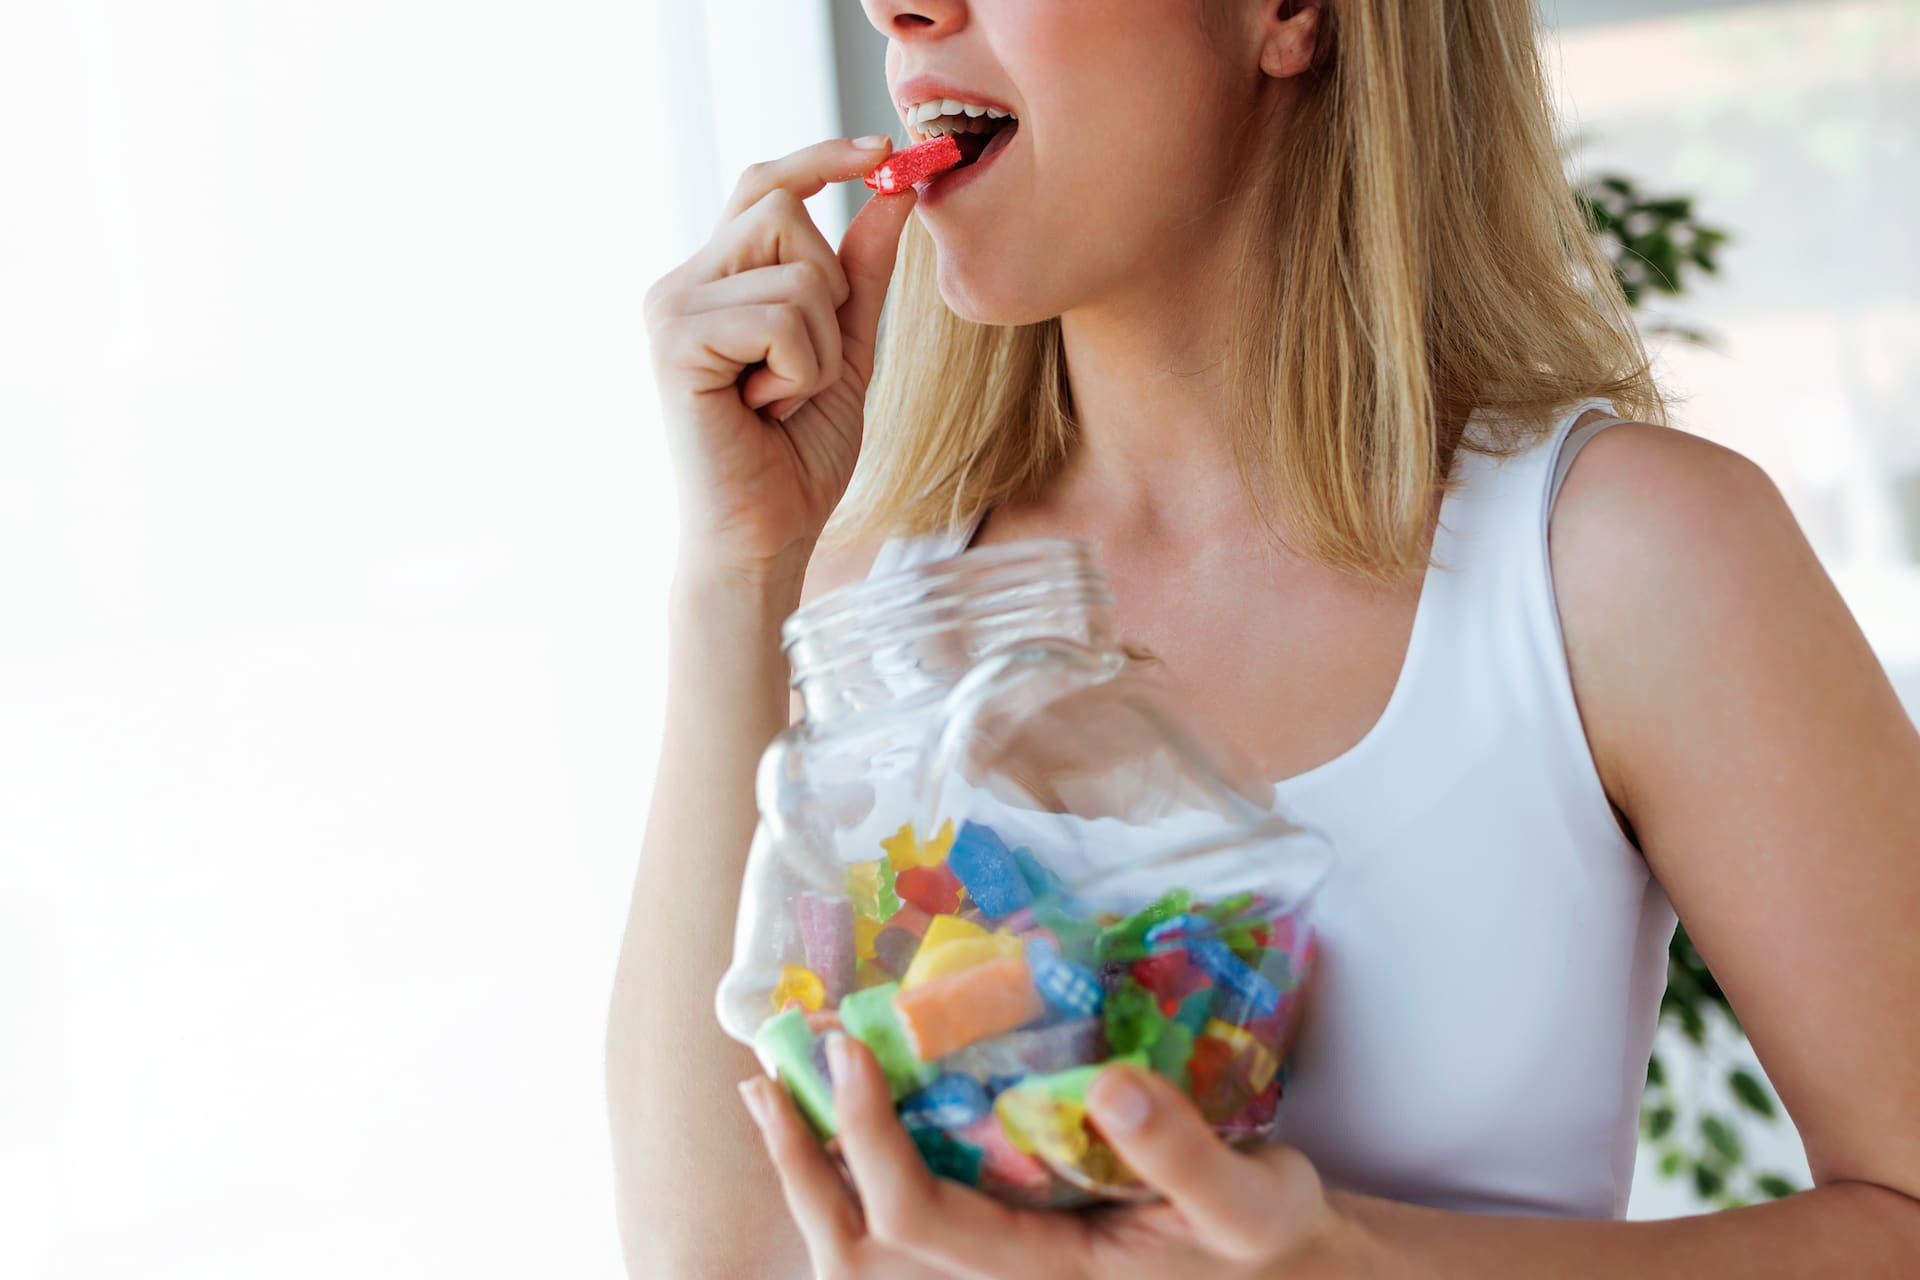 """Menjar """"Chuches"""" és perjudicial per a les teves dents_"""